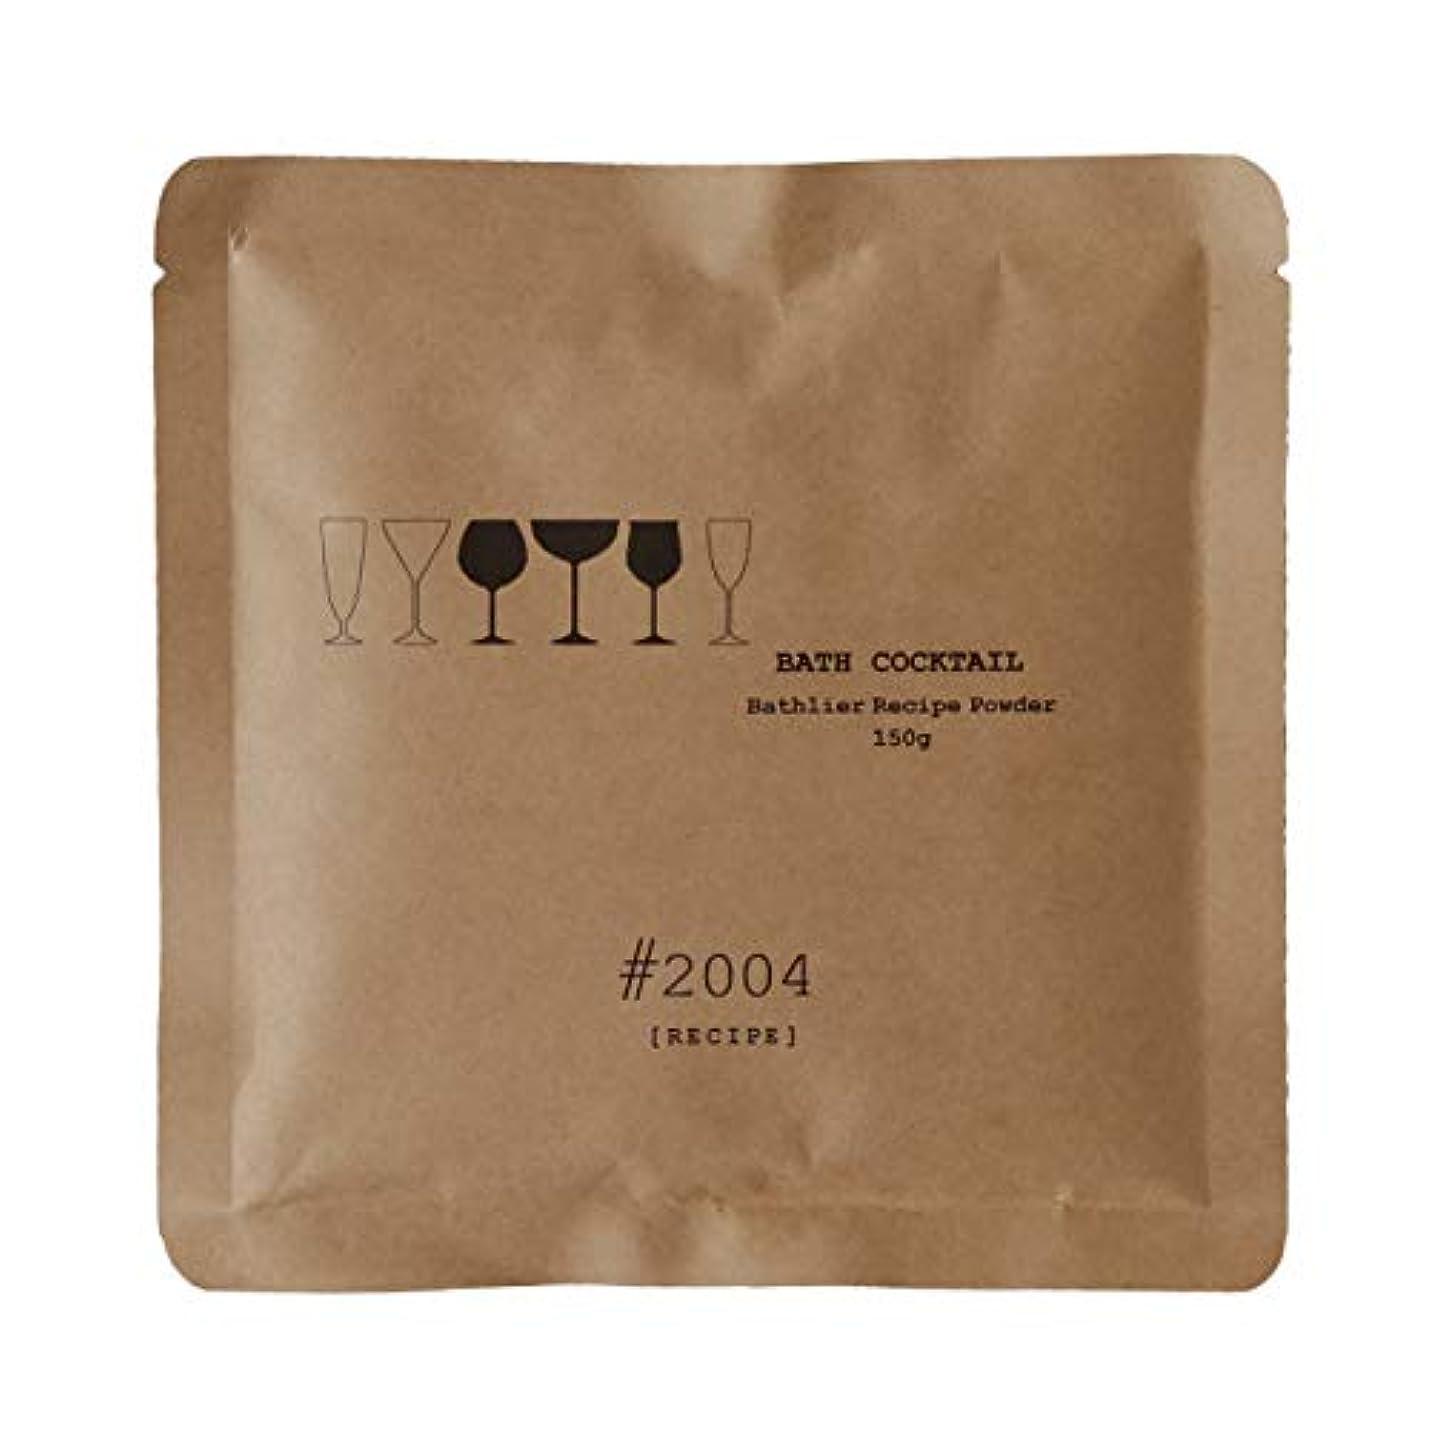 感じ有料セッション入浴剤「Bathlier(バスリエ)バスカクテル」バスリエレシピパウダー(150g)#2004